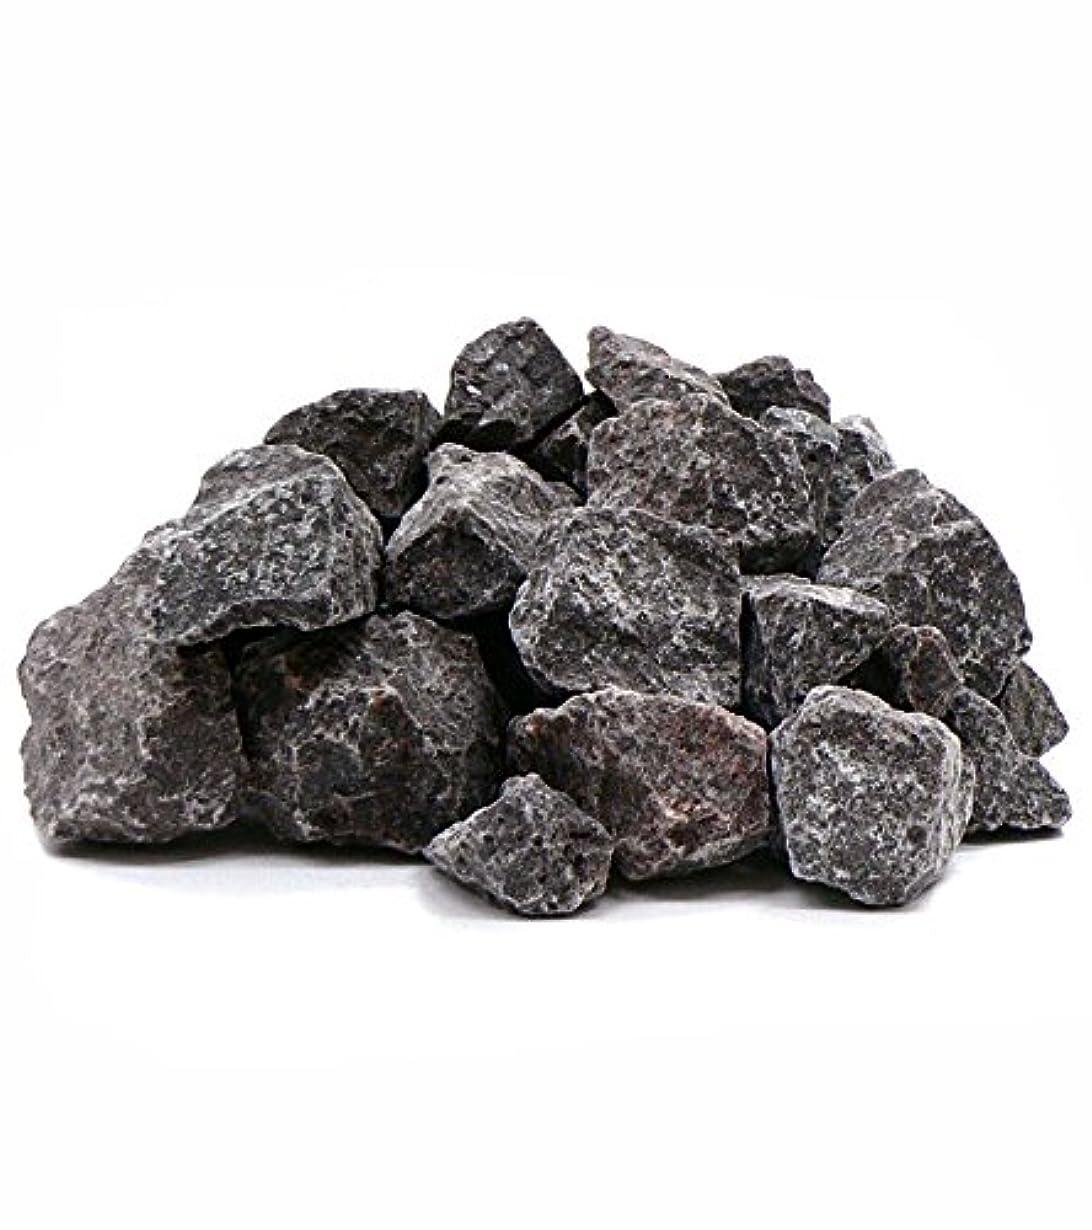 エピソード衝動嵐のヒマラヤ岩塩 ブラックソルト 入浴用 バスソルト(塊?ブロック)2kg 黒岩塩 ブラック岩塩